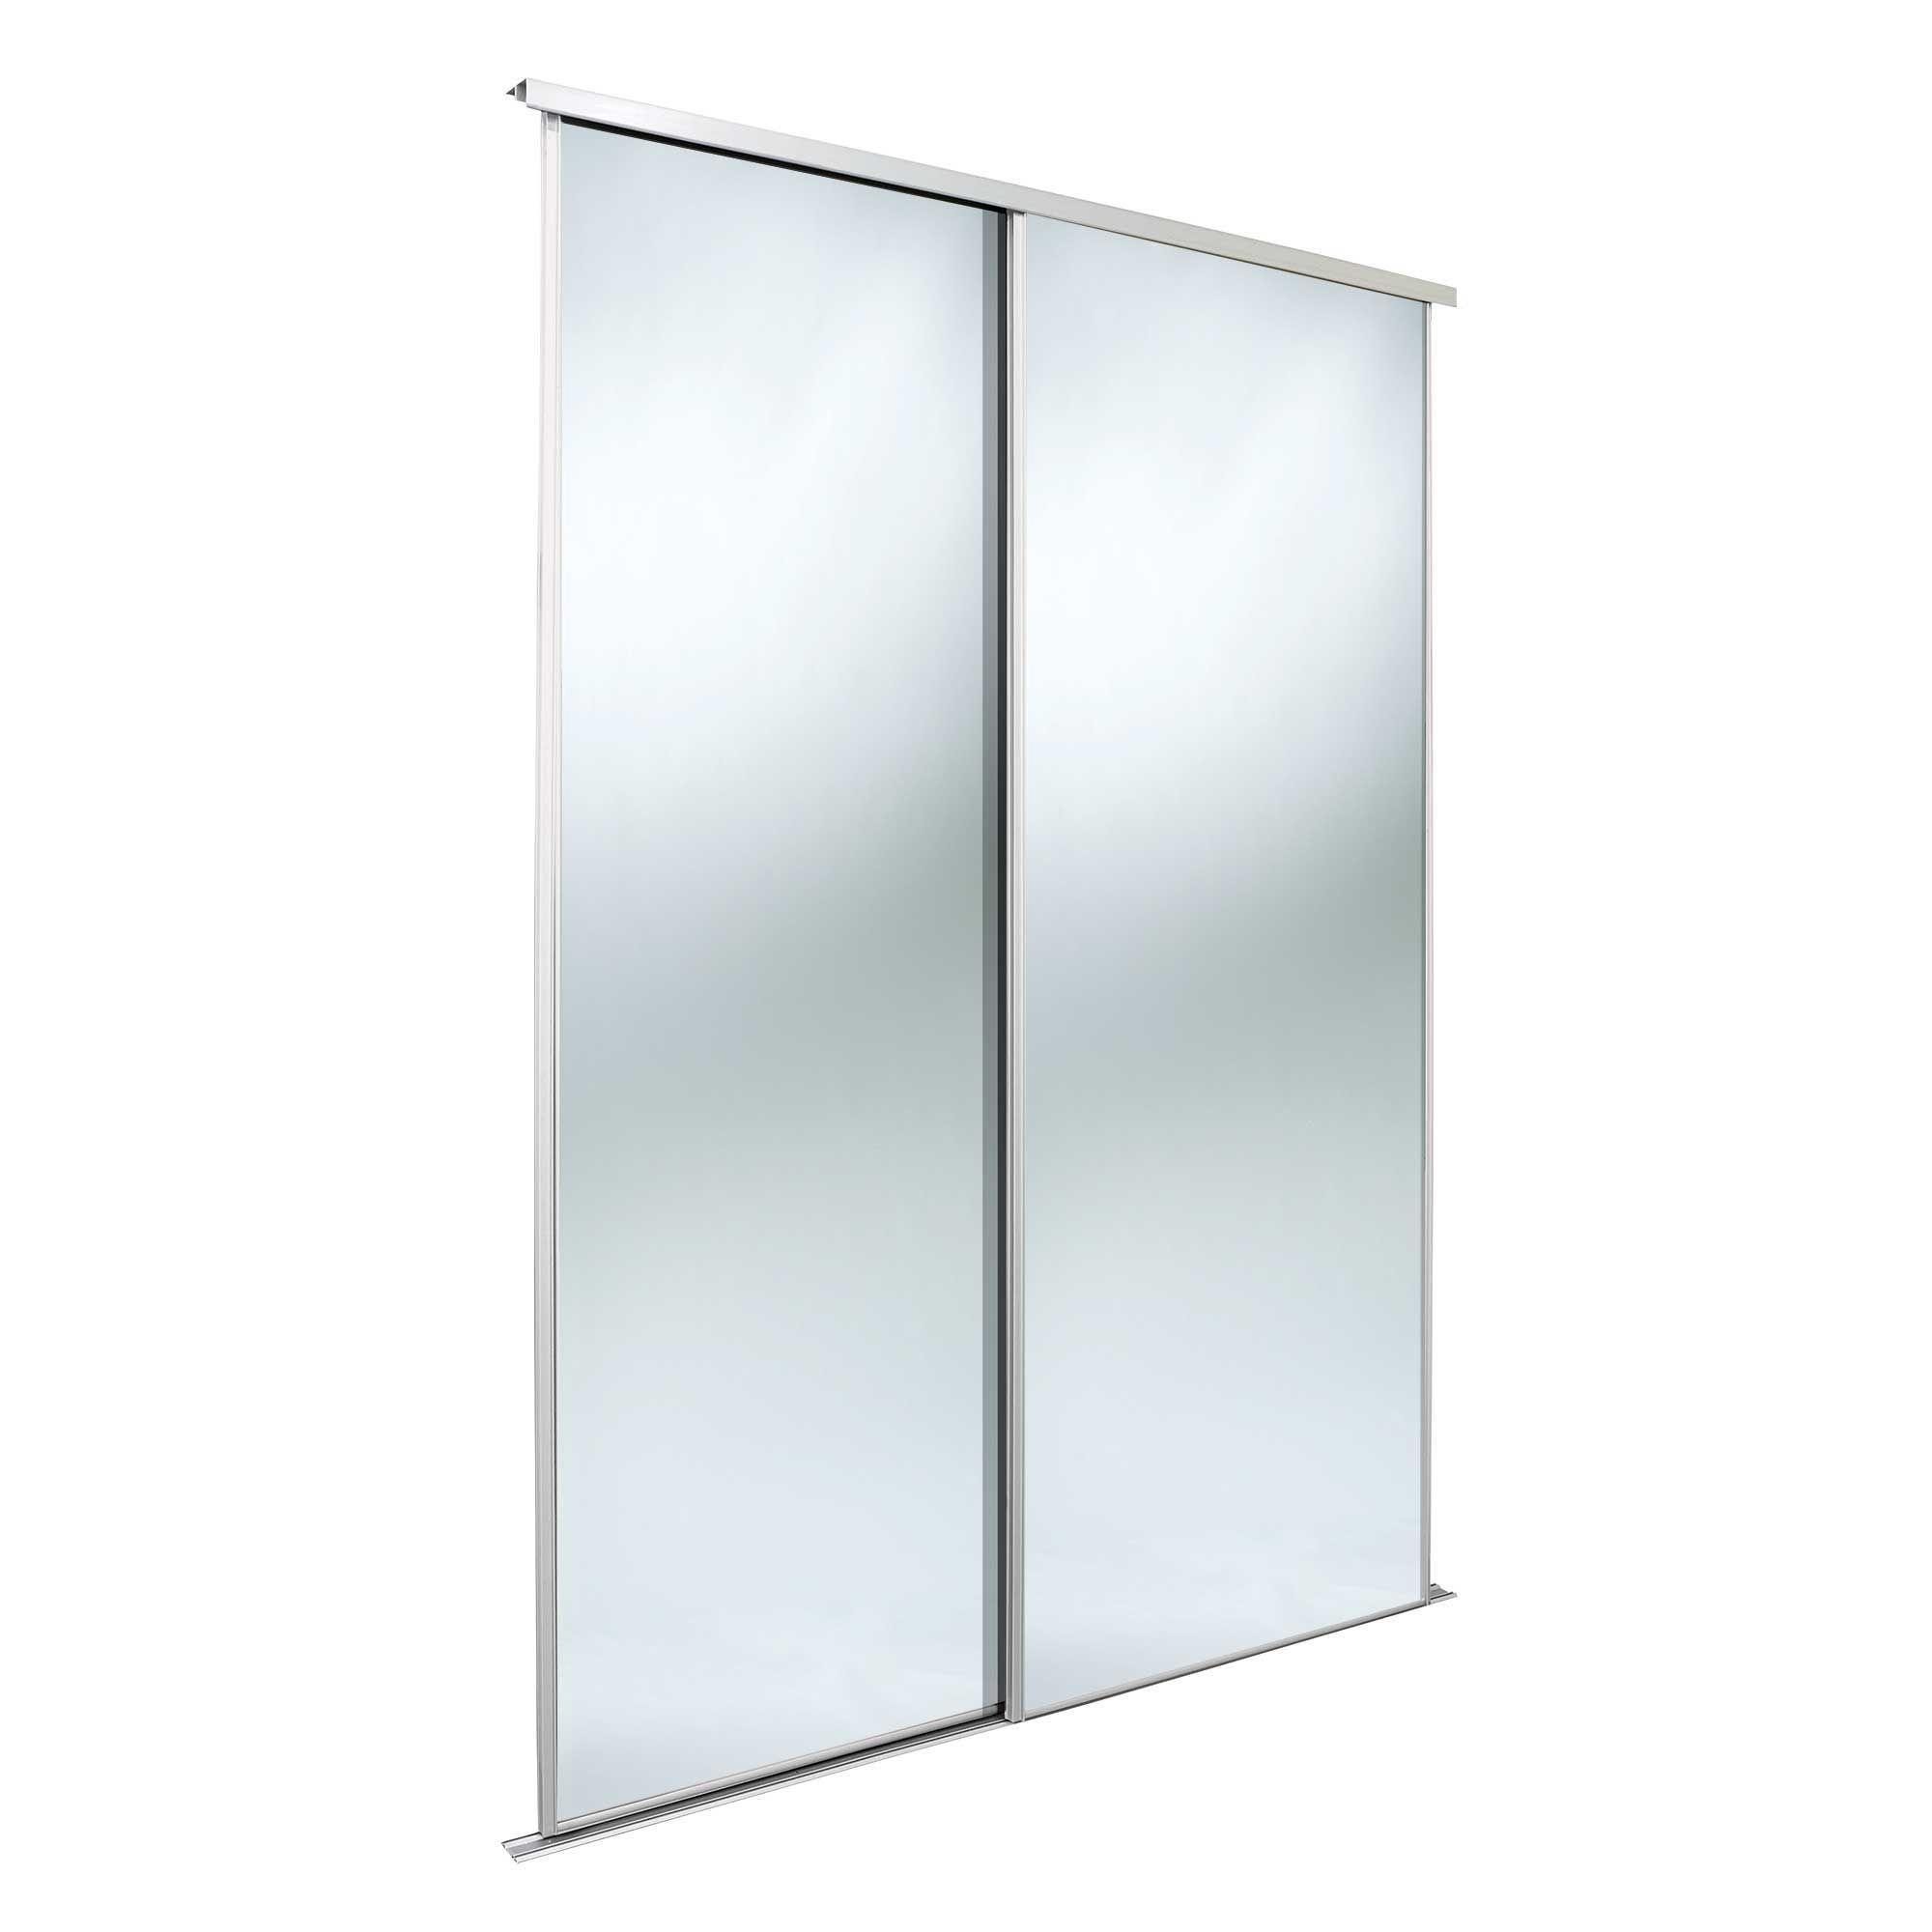 Full length mirror sliding wardrobe door h 2220 mm w 914 for B q bedrooms sliding wardrobe doors